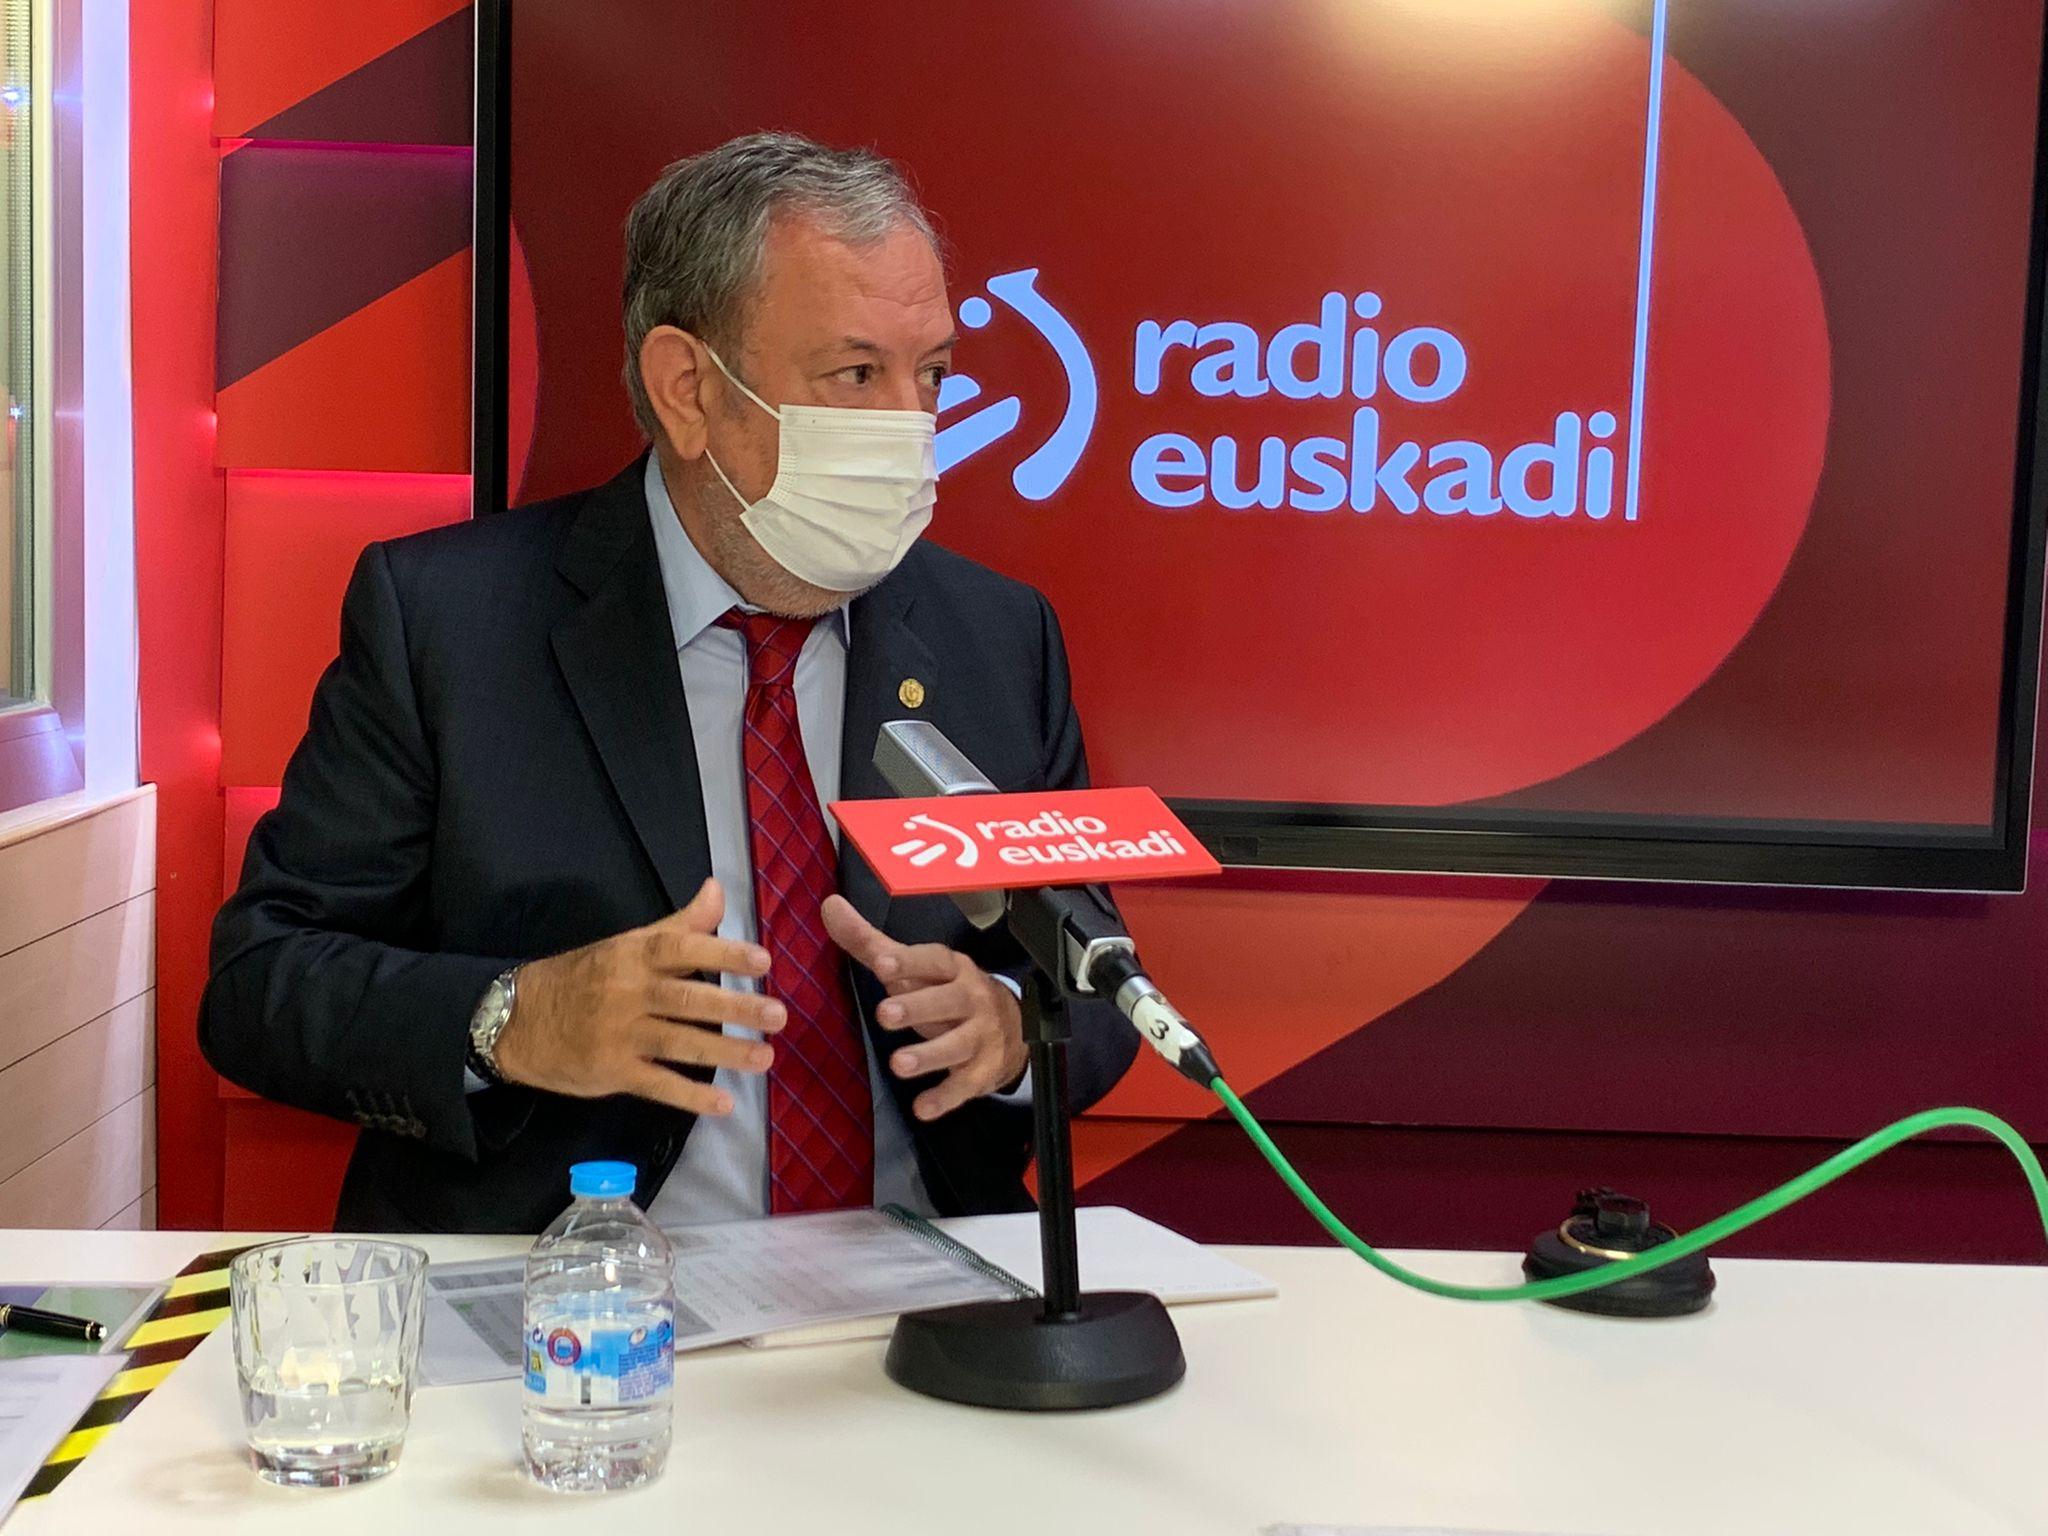 azpiazu_radio_euskadi_1.jpg